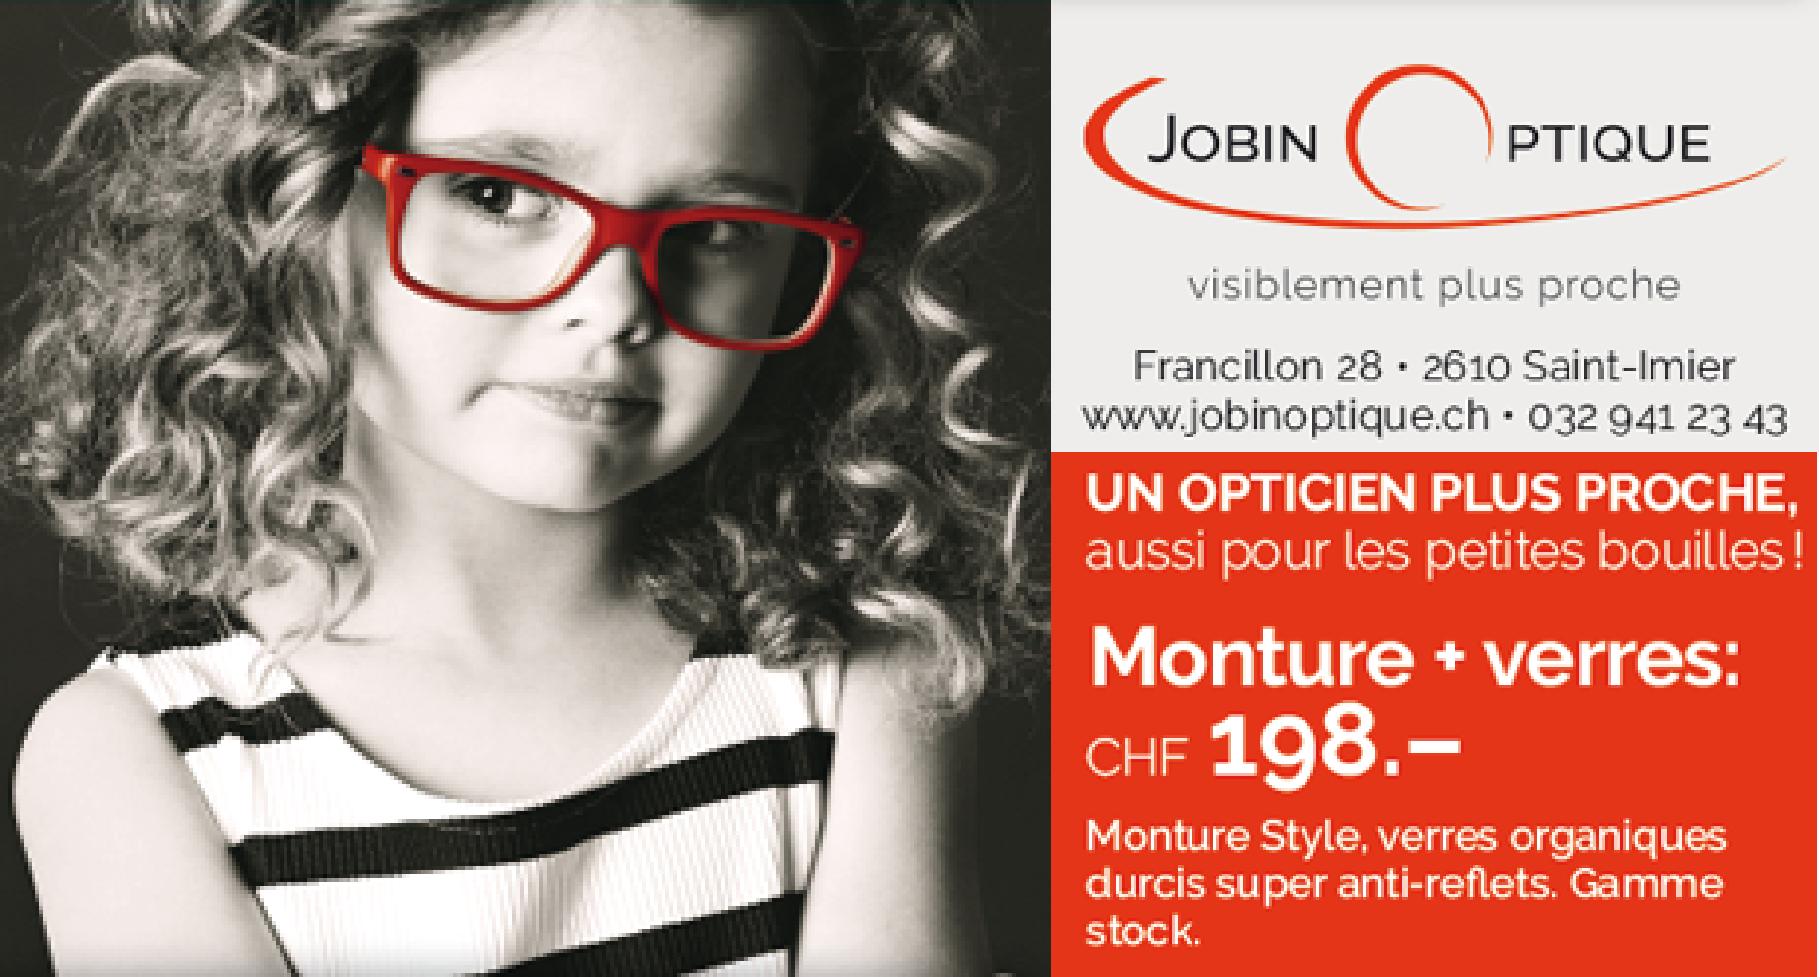 Jobin Optique